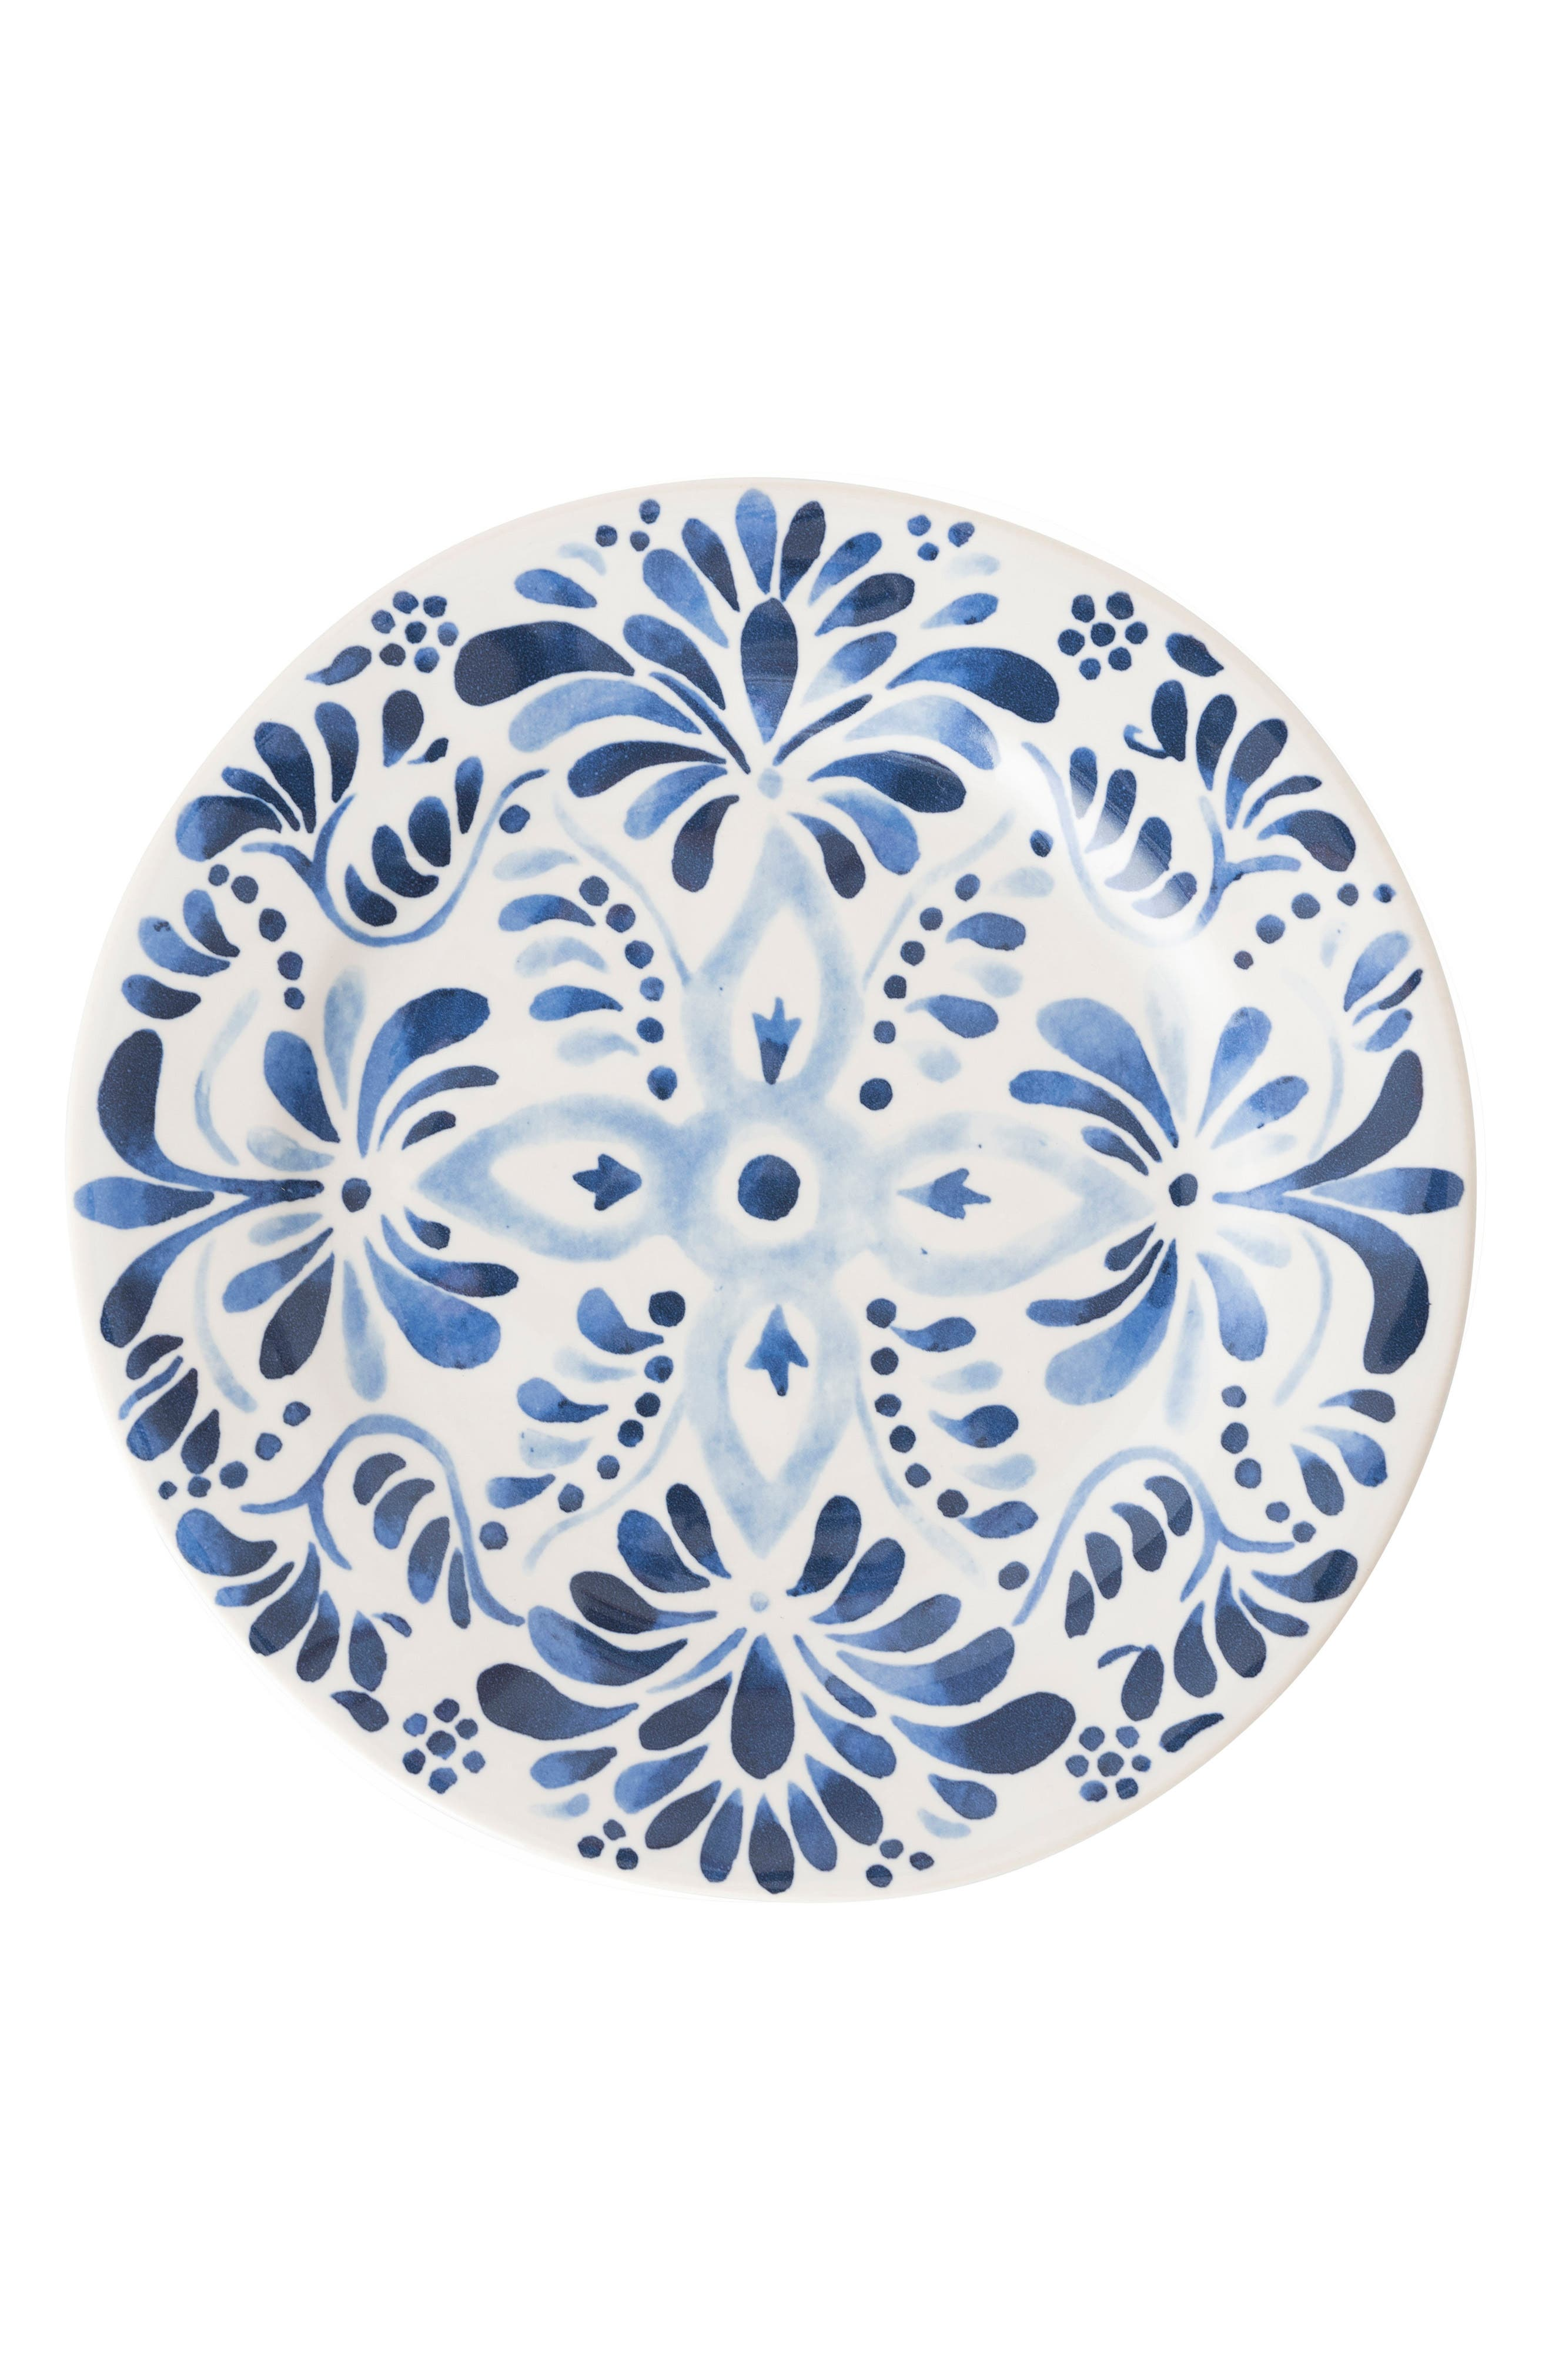 Juliska Wanderlust Collection   Sitio Stripe Stoneware Dinner Plate